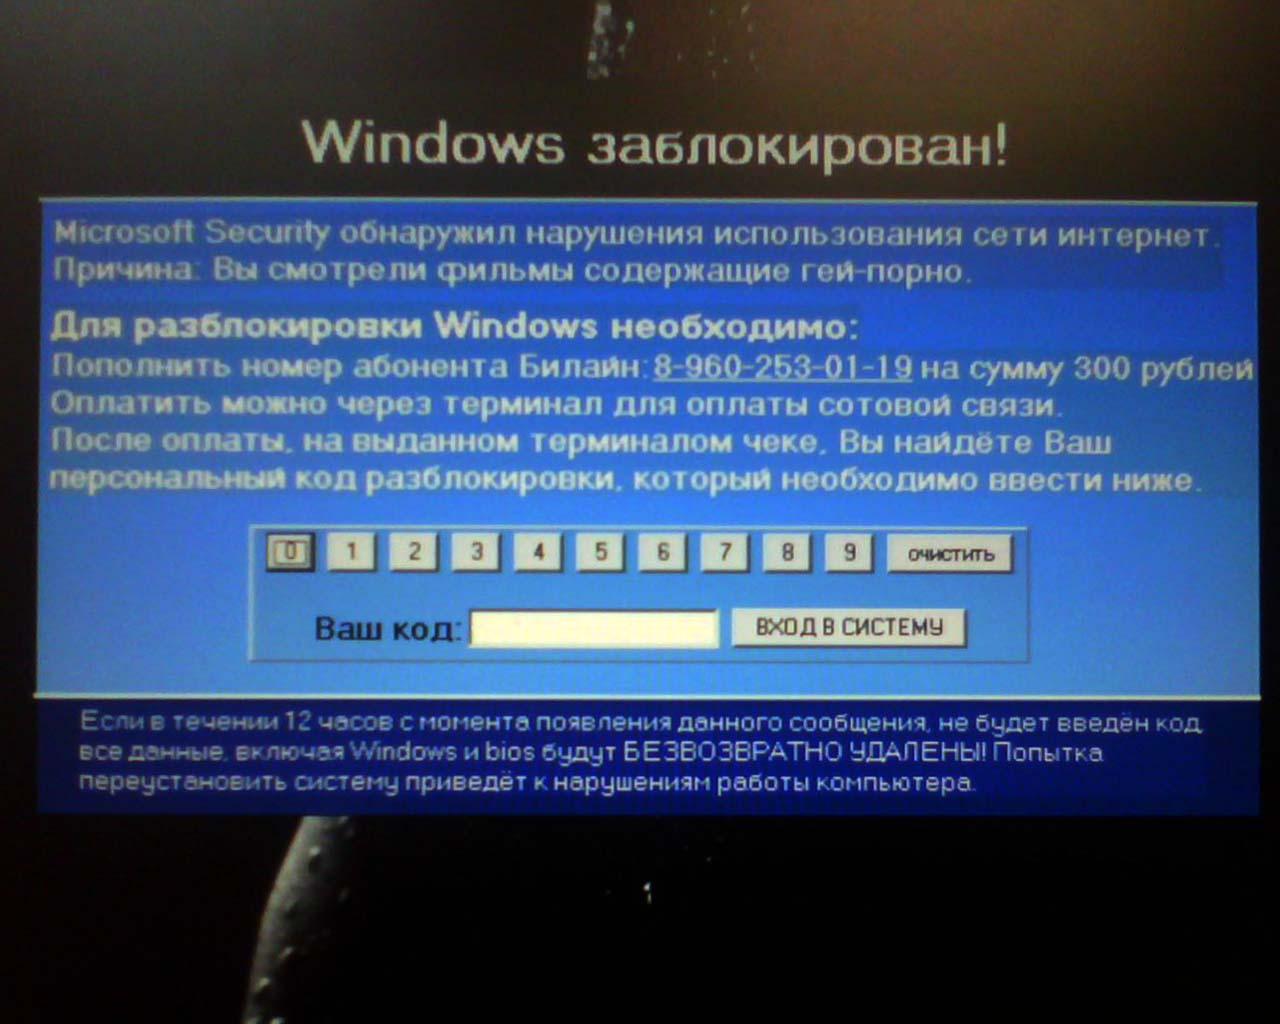 Microsoft Security обнаружил нарушения использования сети интернет